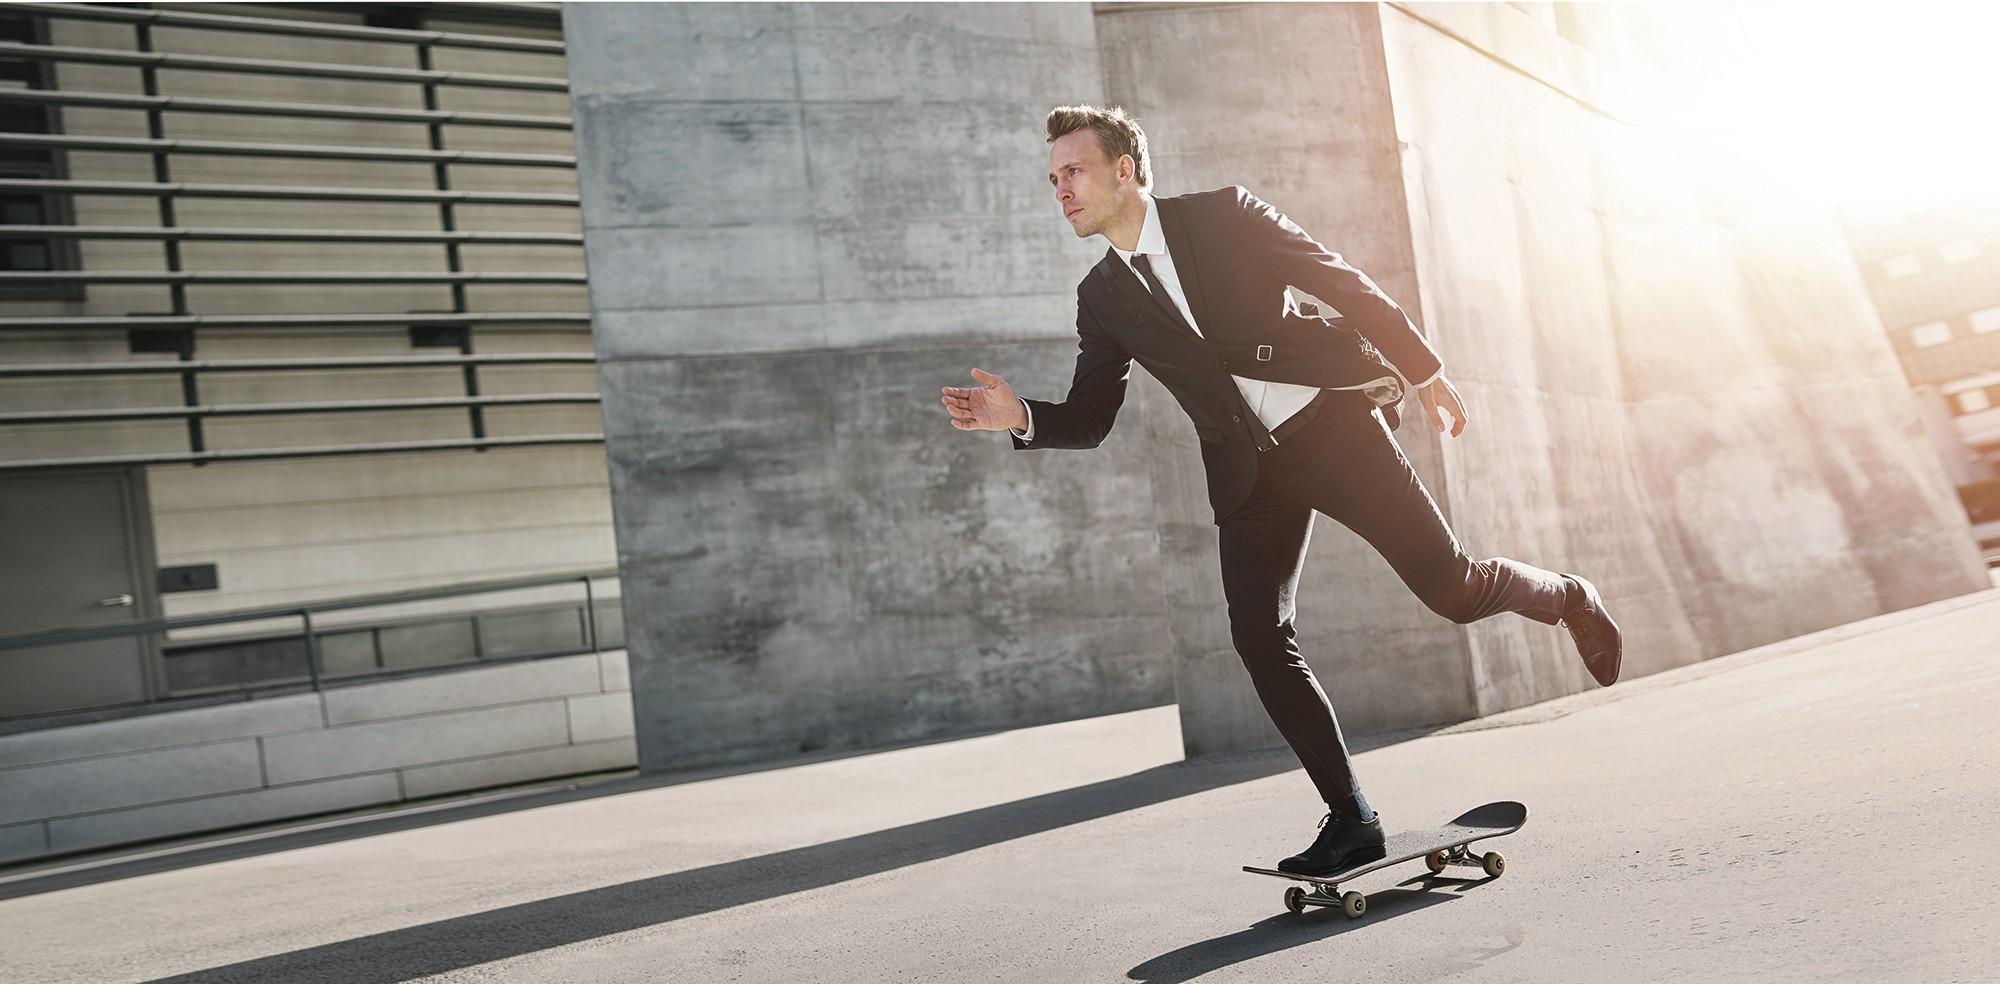 Muškarac u odijelu se vozi na skejtbordu